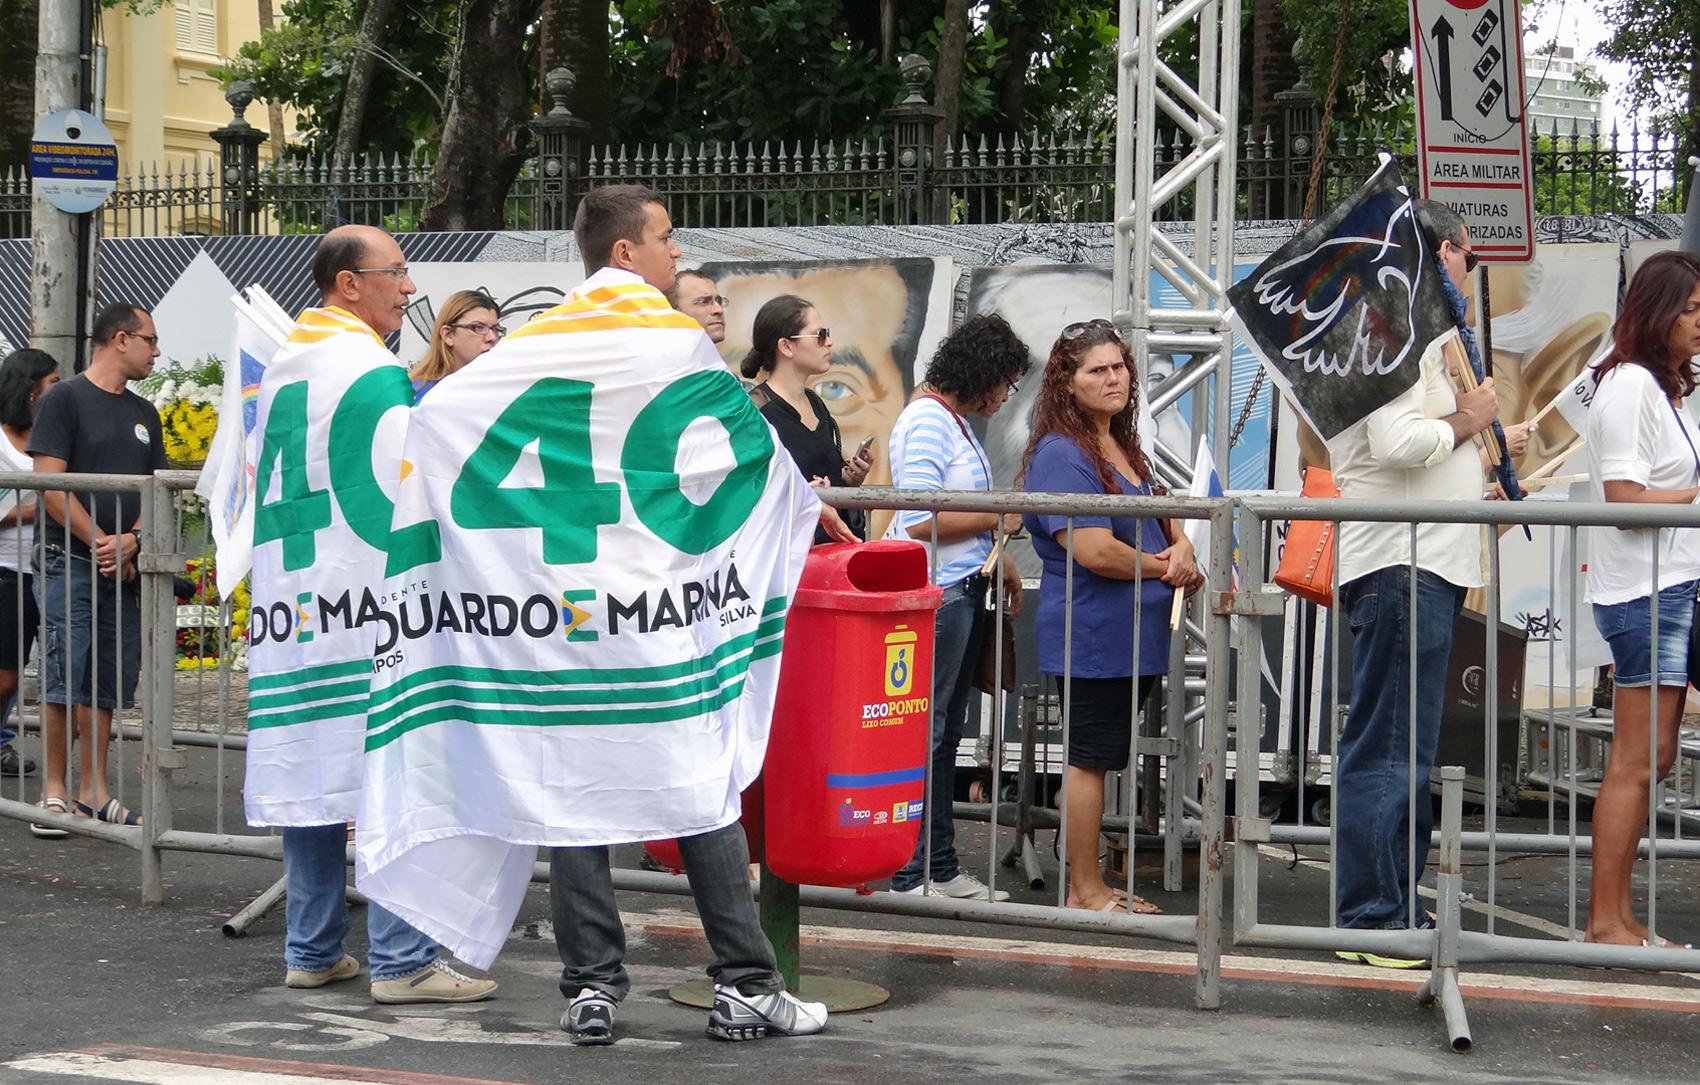 Muitas pessoas foram com bandeiras de apoio a candidatura de Campos